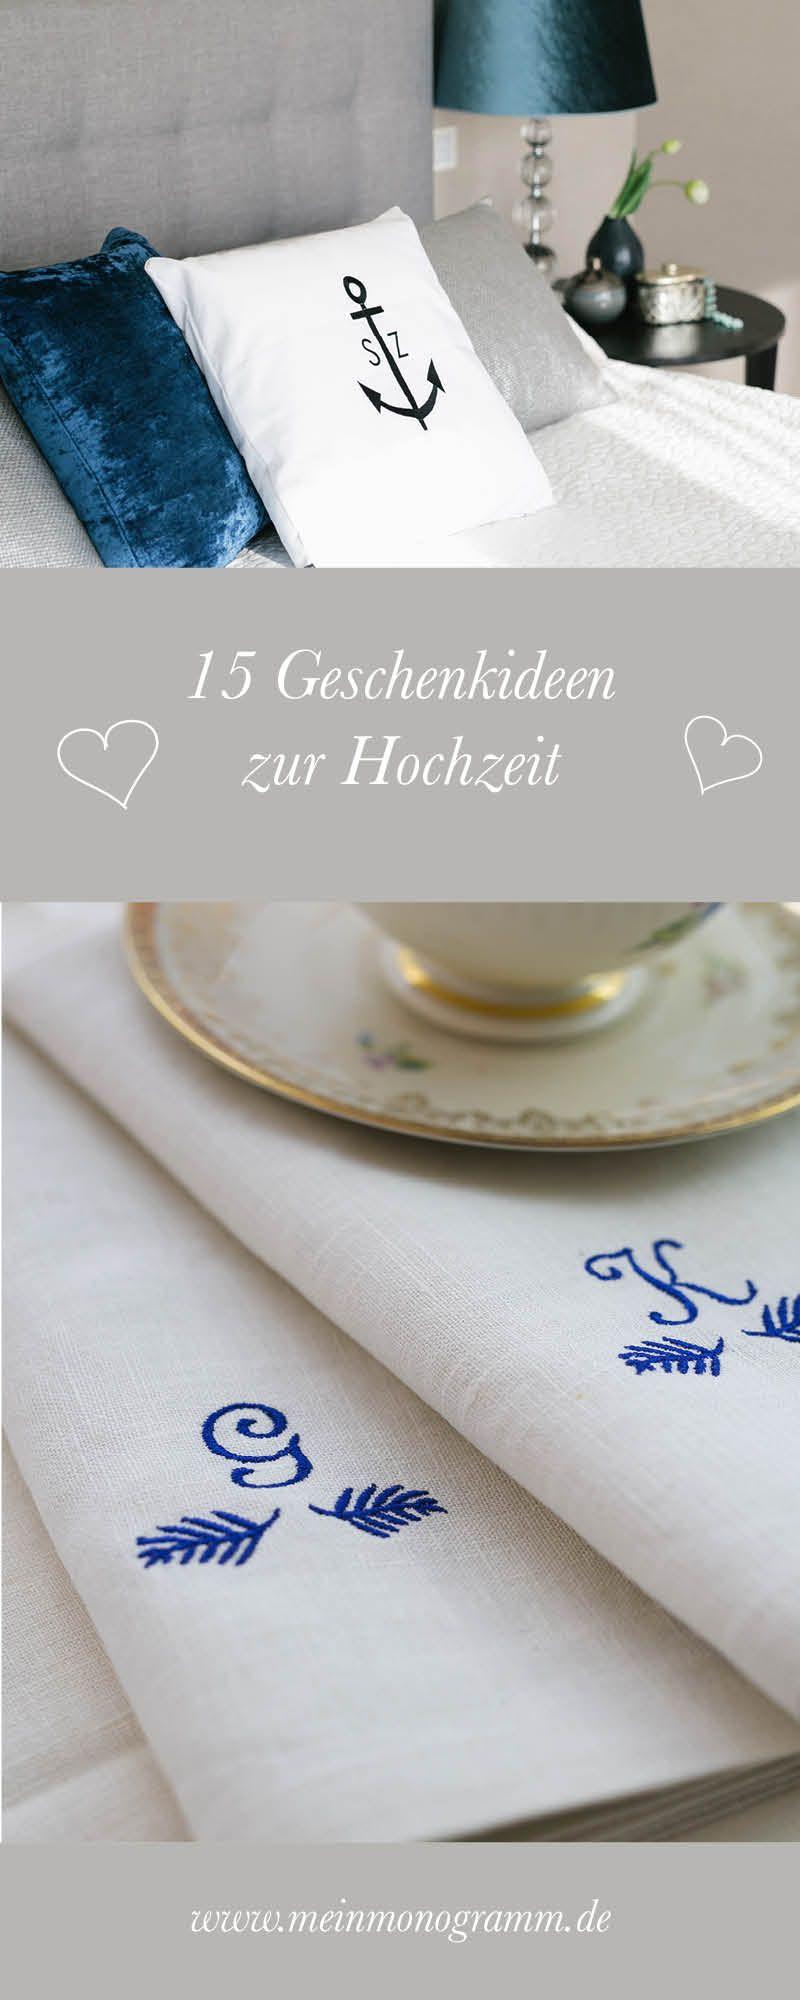 Unser Geschenke Zur Hochzeit Mit Initialen Eignen Sich Perfekt Als